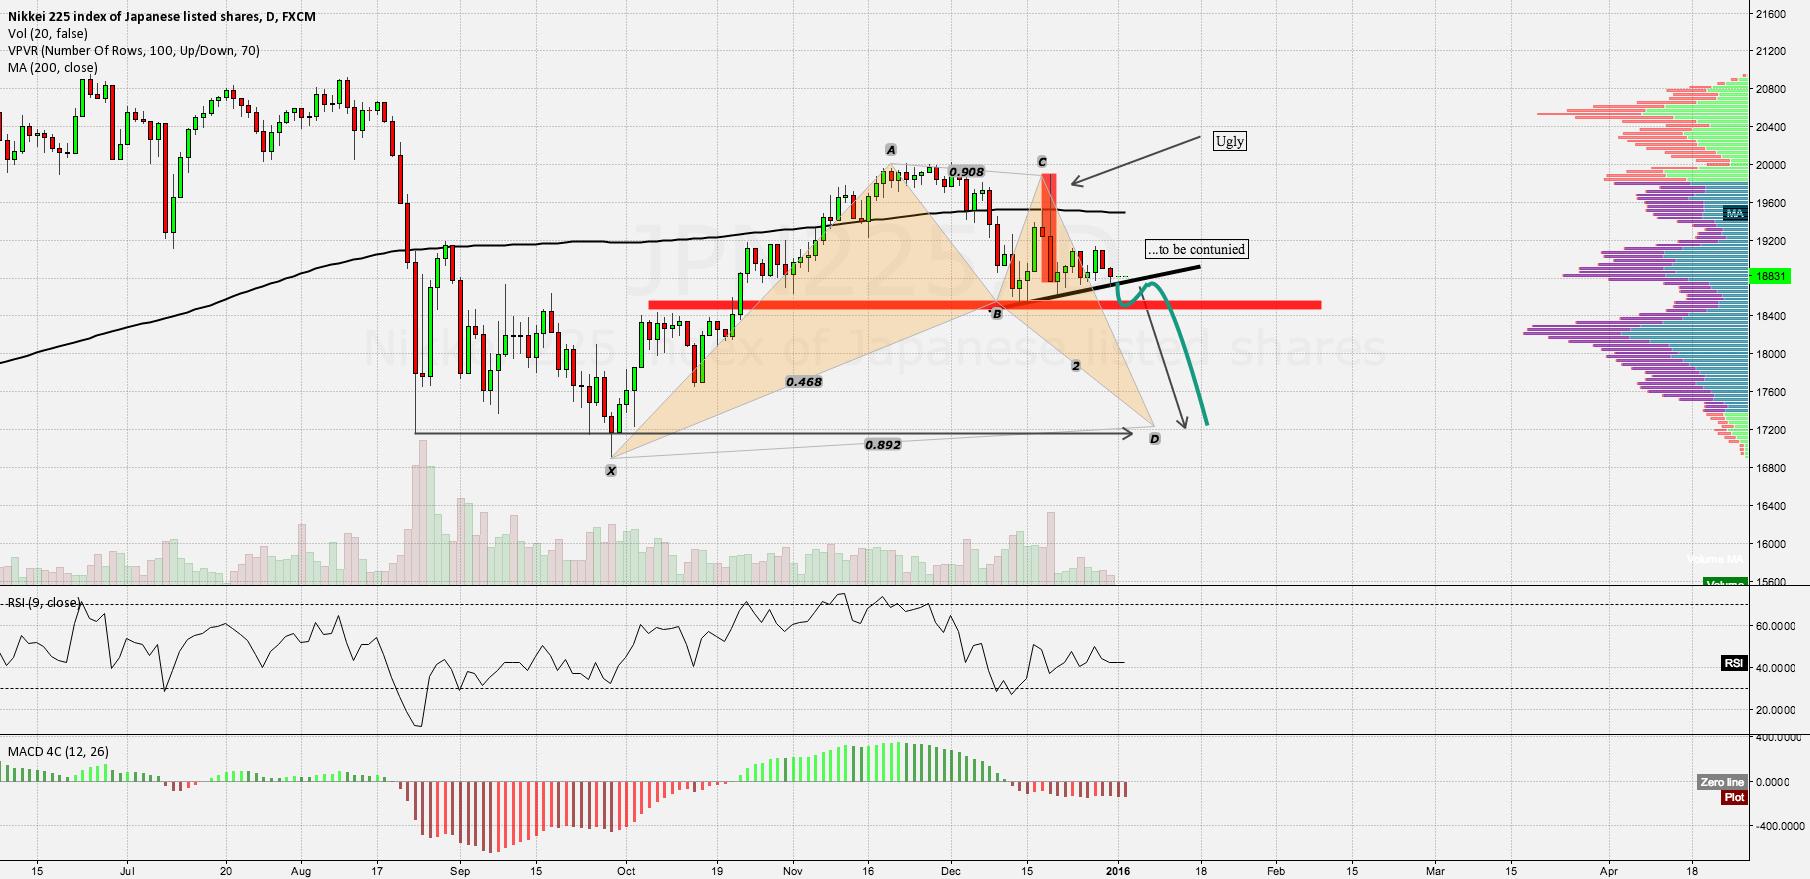 Nikkei - trending downwards